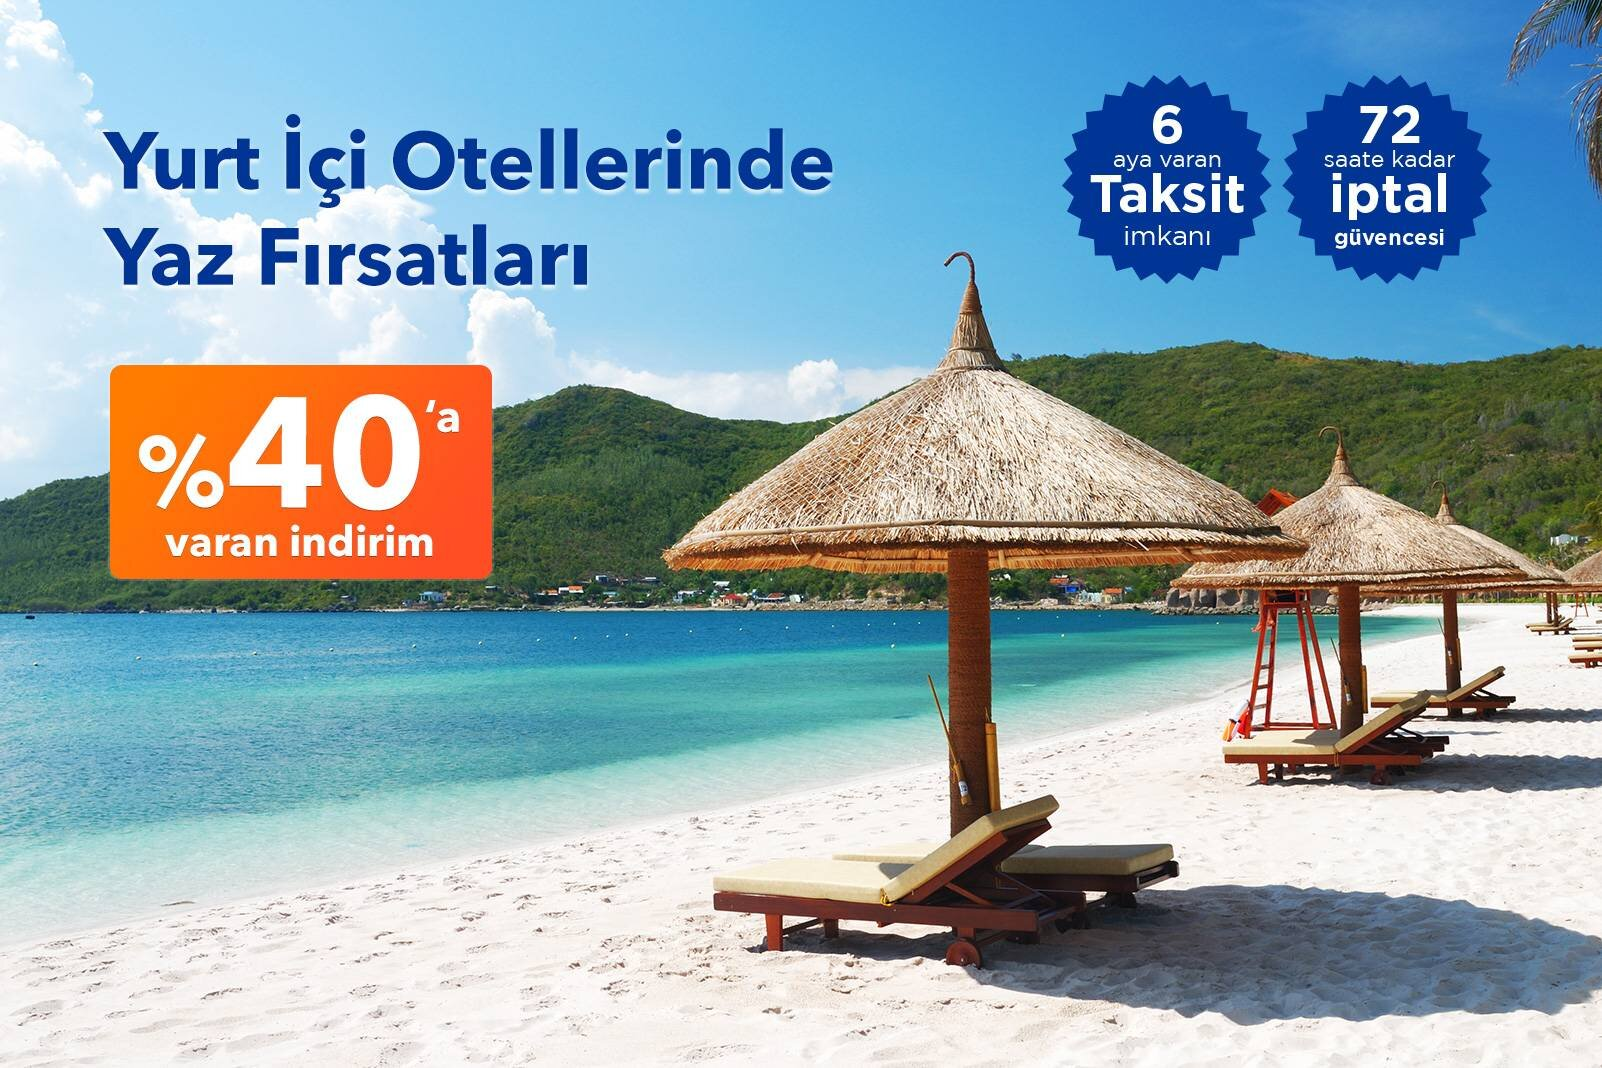 Yaz Fırsatları Otellerinde %40'a Varan İndirim